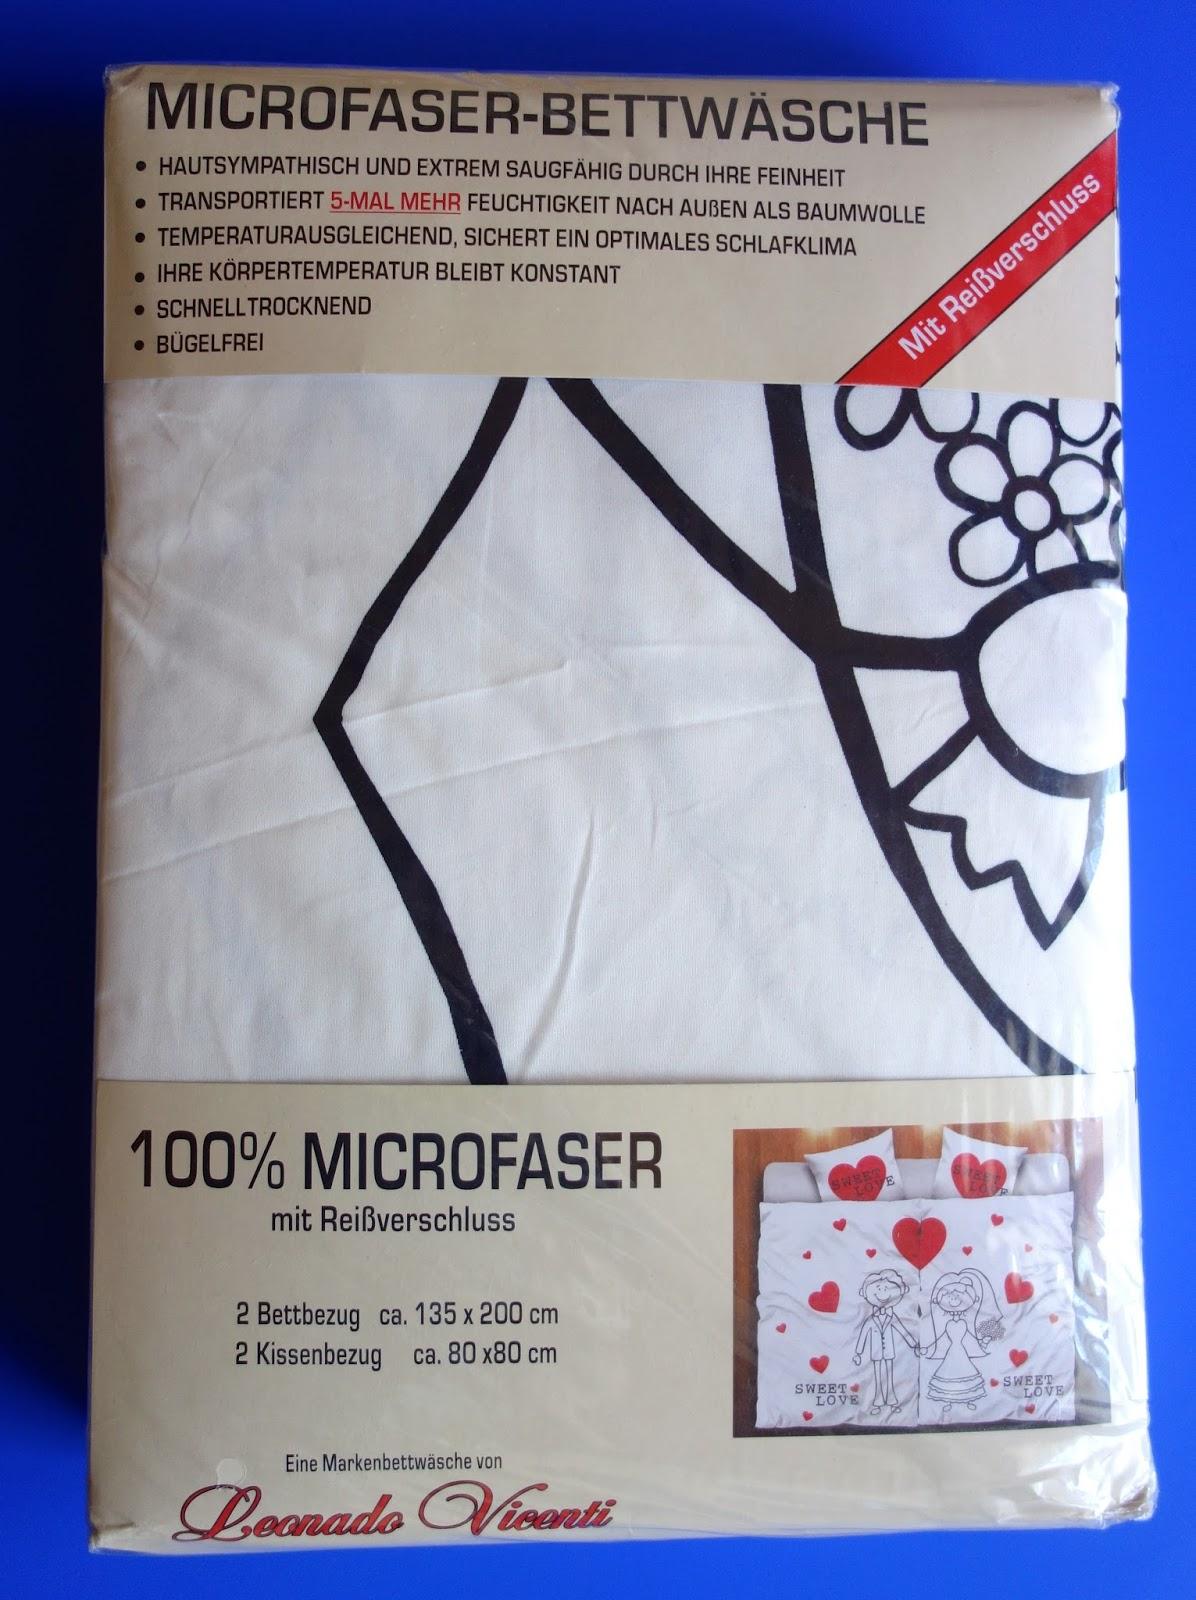 produkttestseite von heike produkttest 4 tlg partner bettw sche 135 x 200 cm microfaser. Black Bedroom Furniture Sets. Home Design Ideas